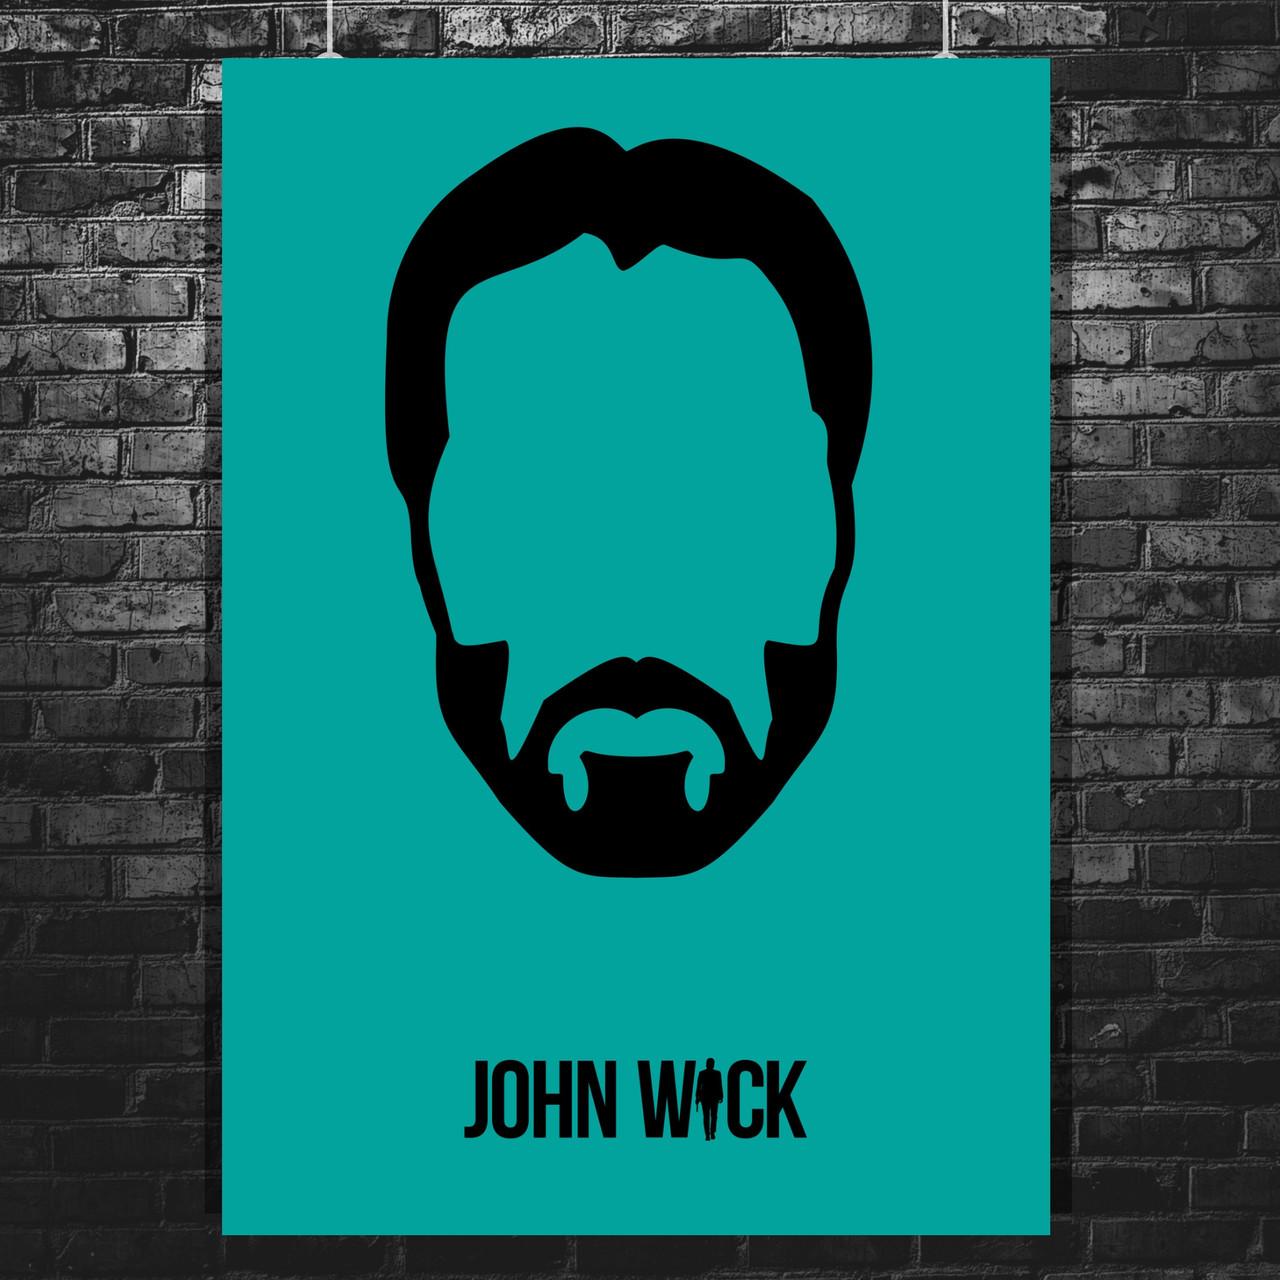 Постер John Wick, Киану Ривз, Джон Уик (минималистичный постер). Размер 60x43см (A2). Глянцевая бумага